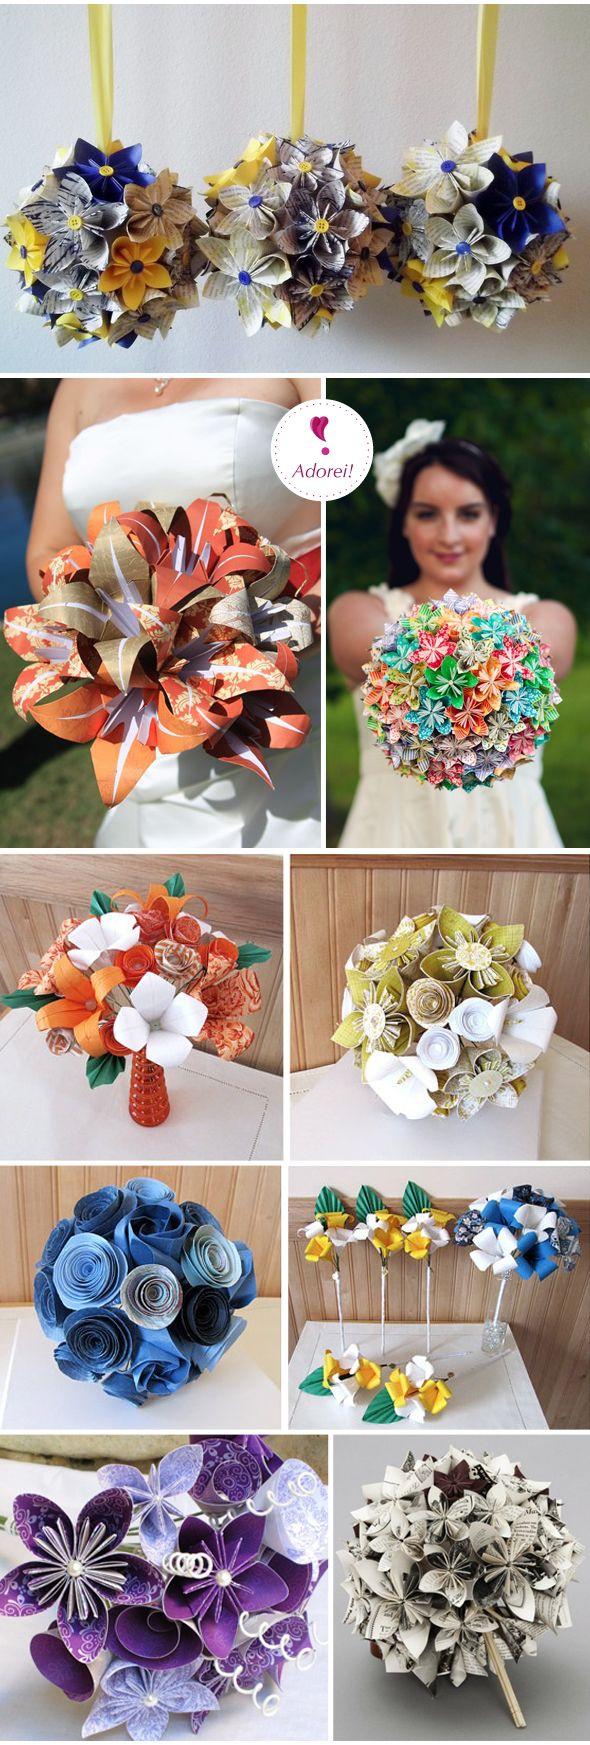 Origami buquê – Origami Wedding Bouquet                                                                                                                                                                                 Mais